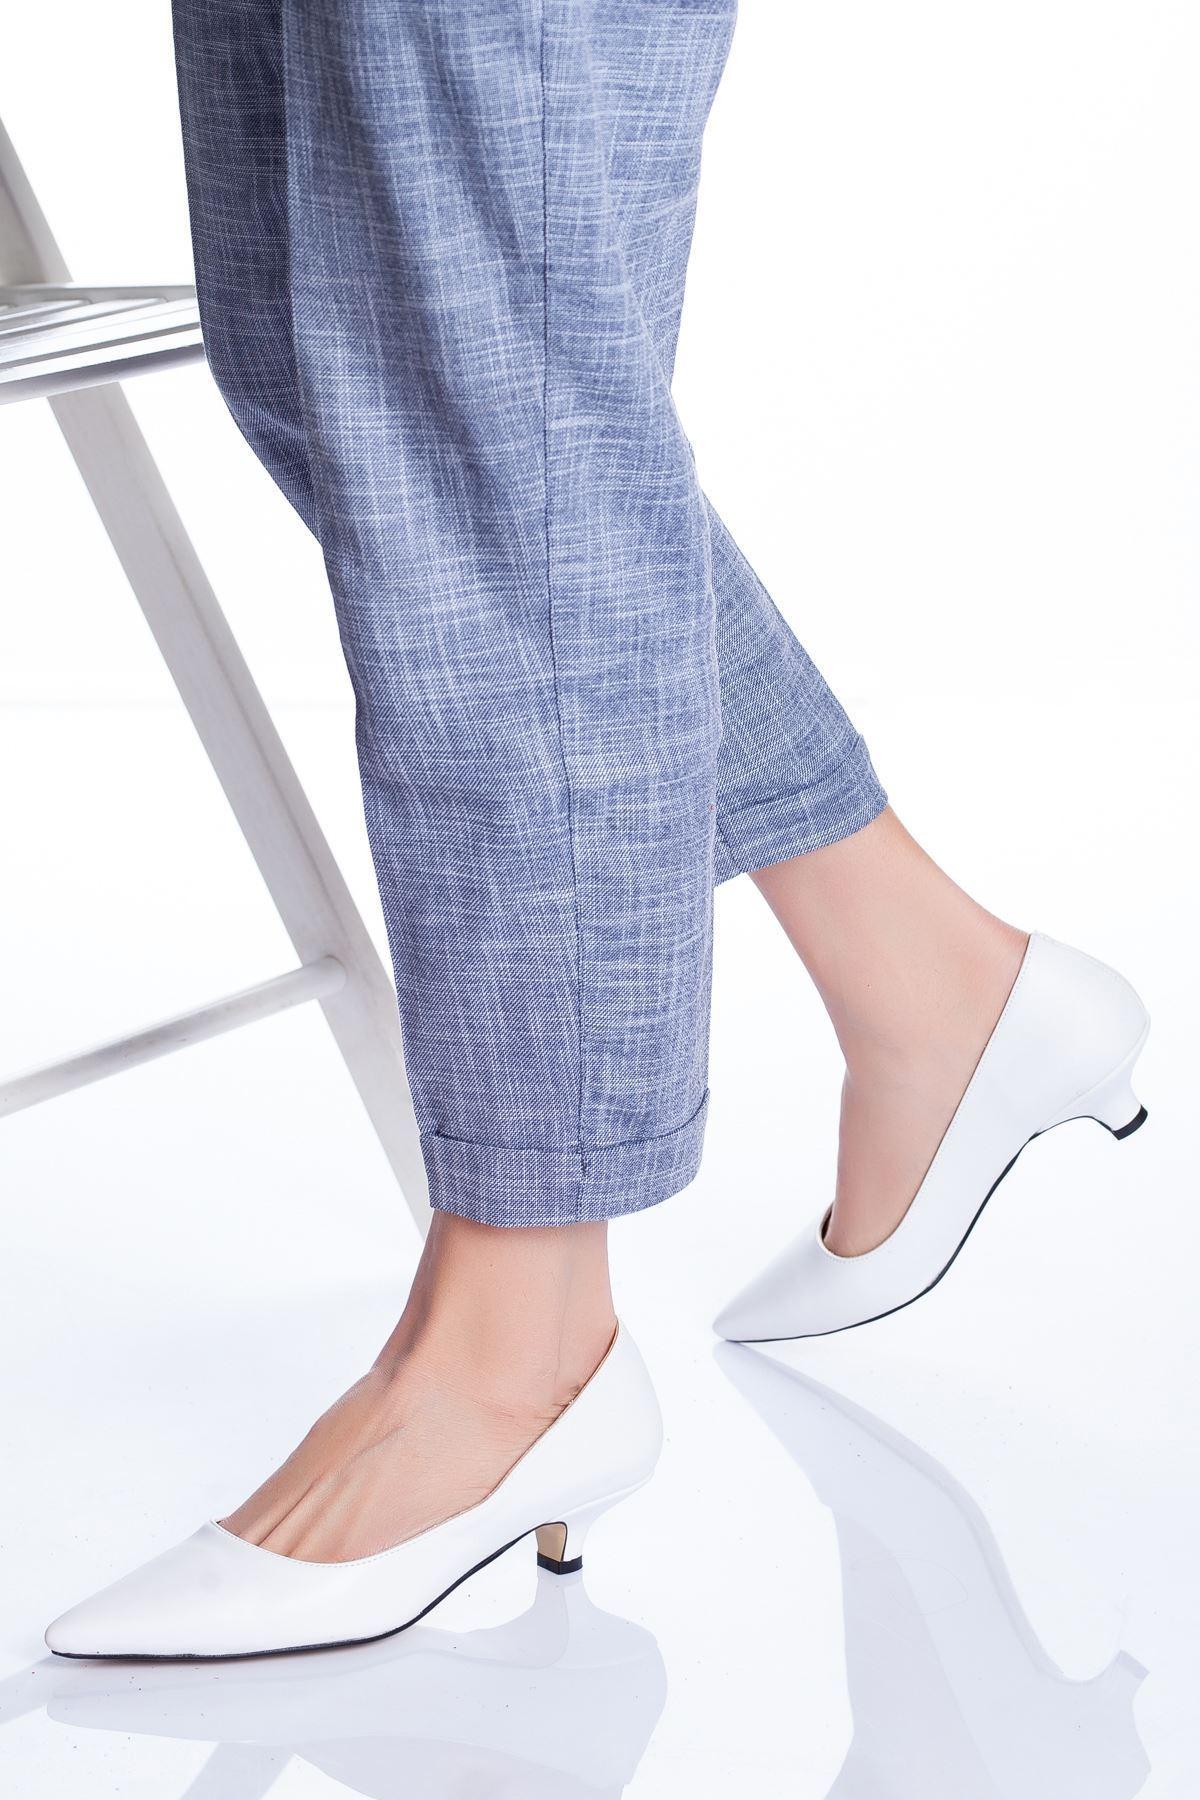 Limsi Kısa Topuklu Sivri Burun Ayakkabı Beyaz Cilt